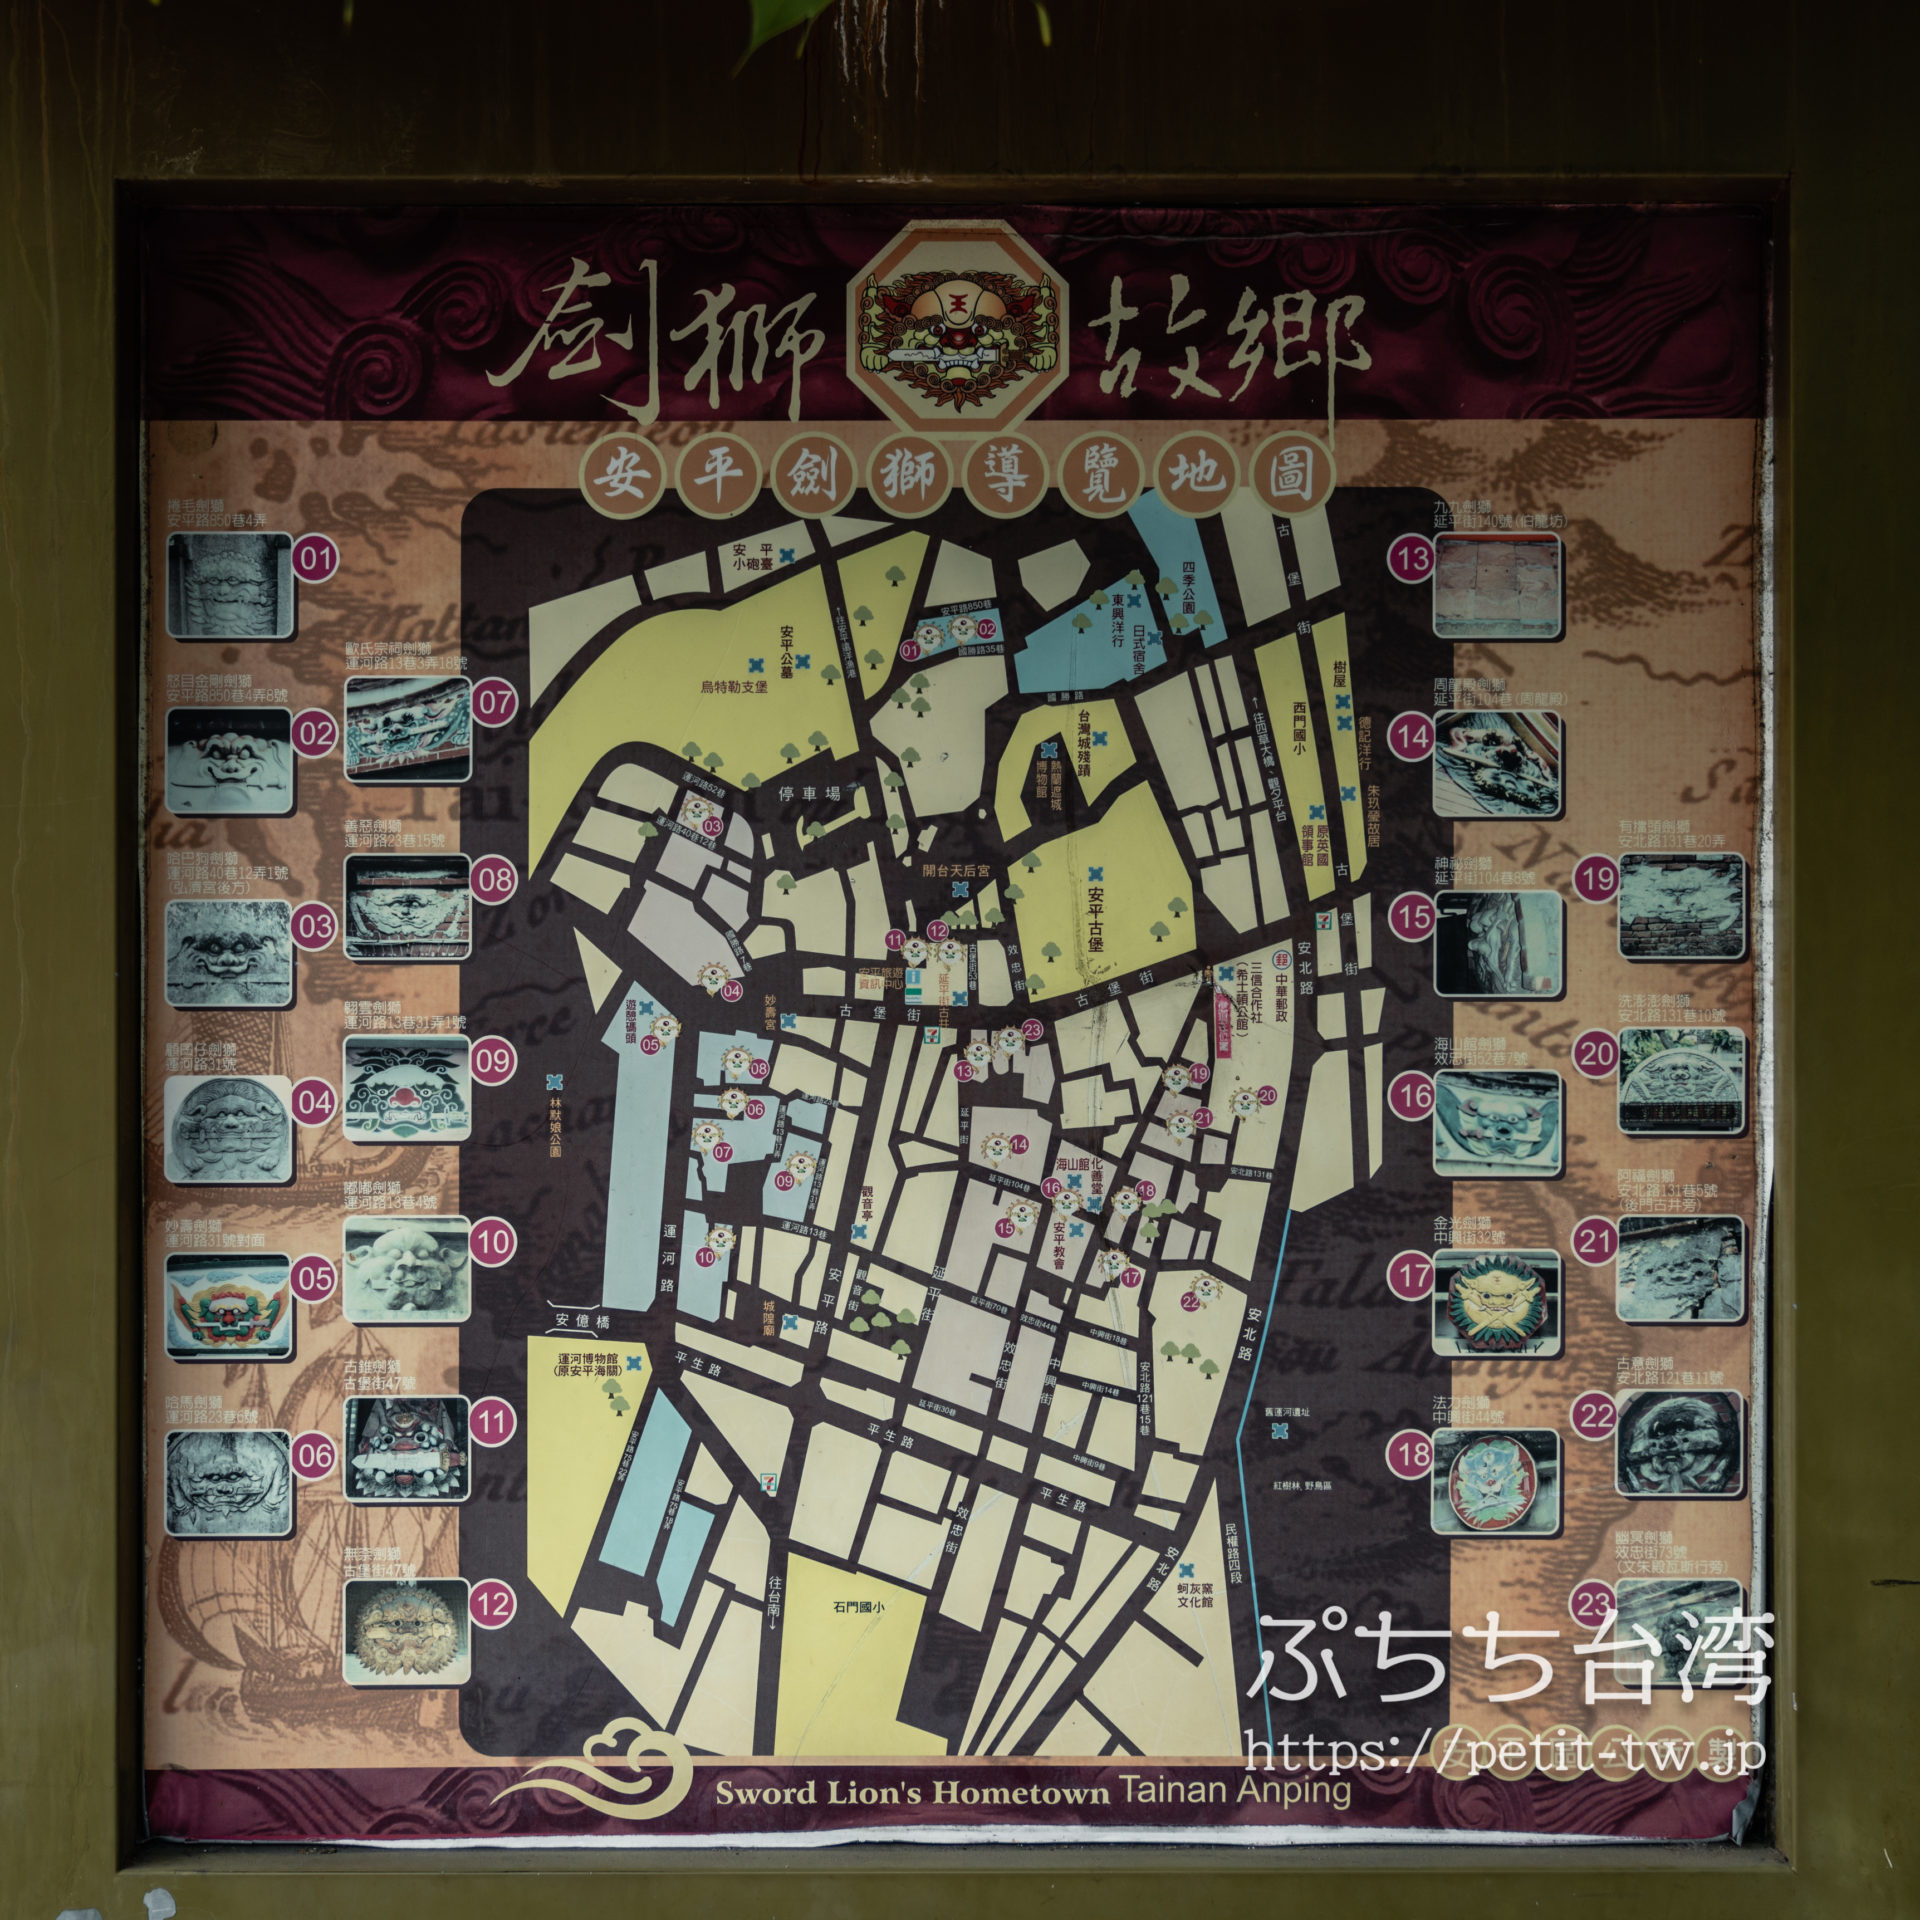 安平剣獅のマップ